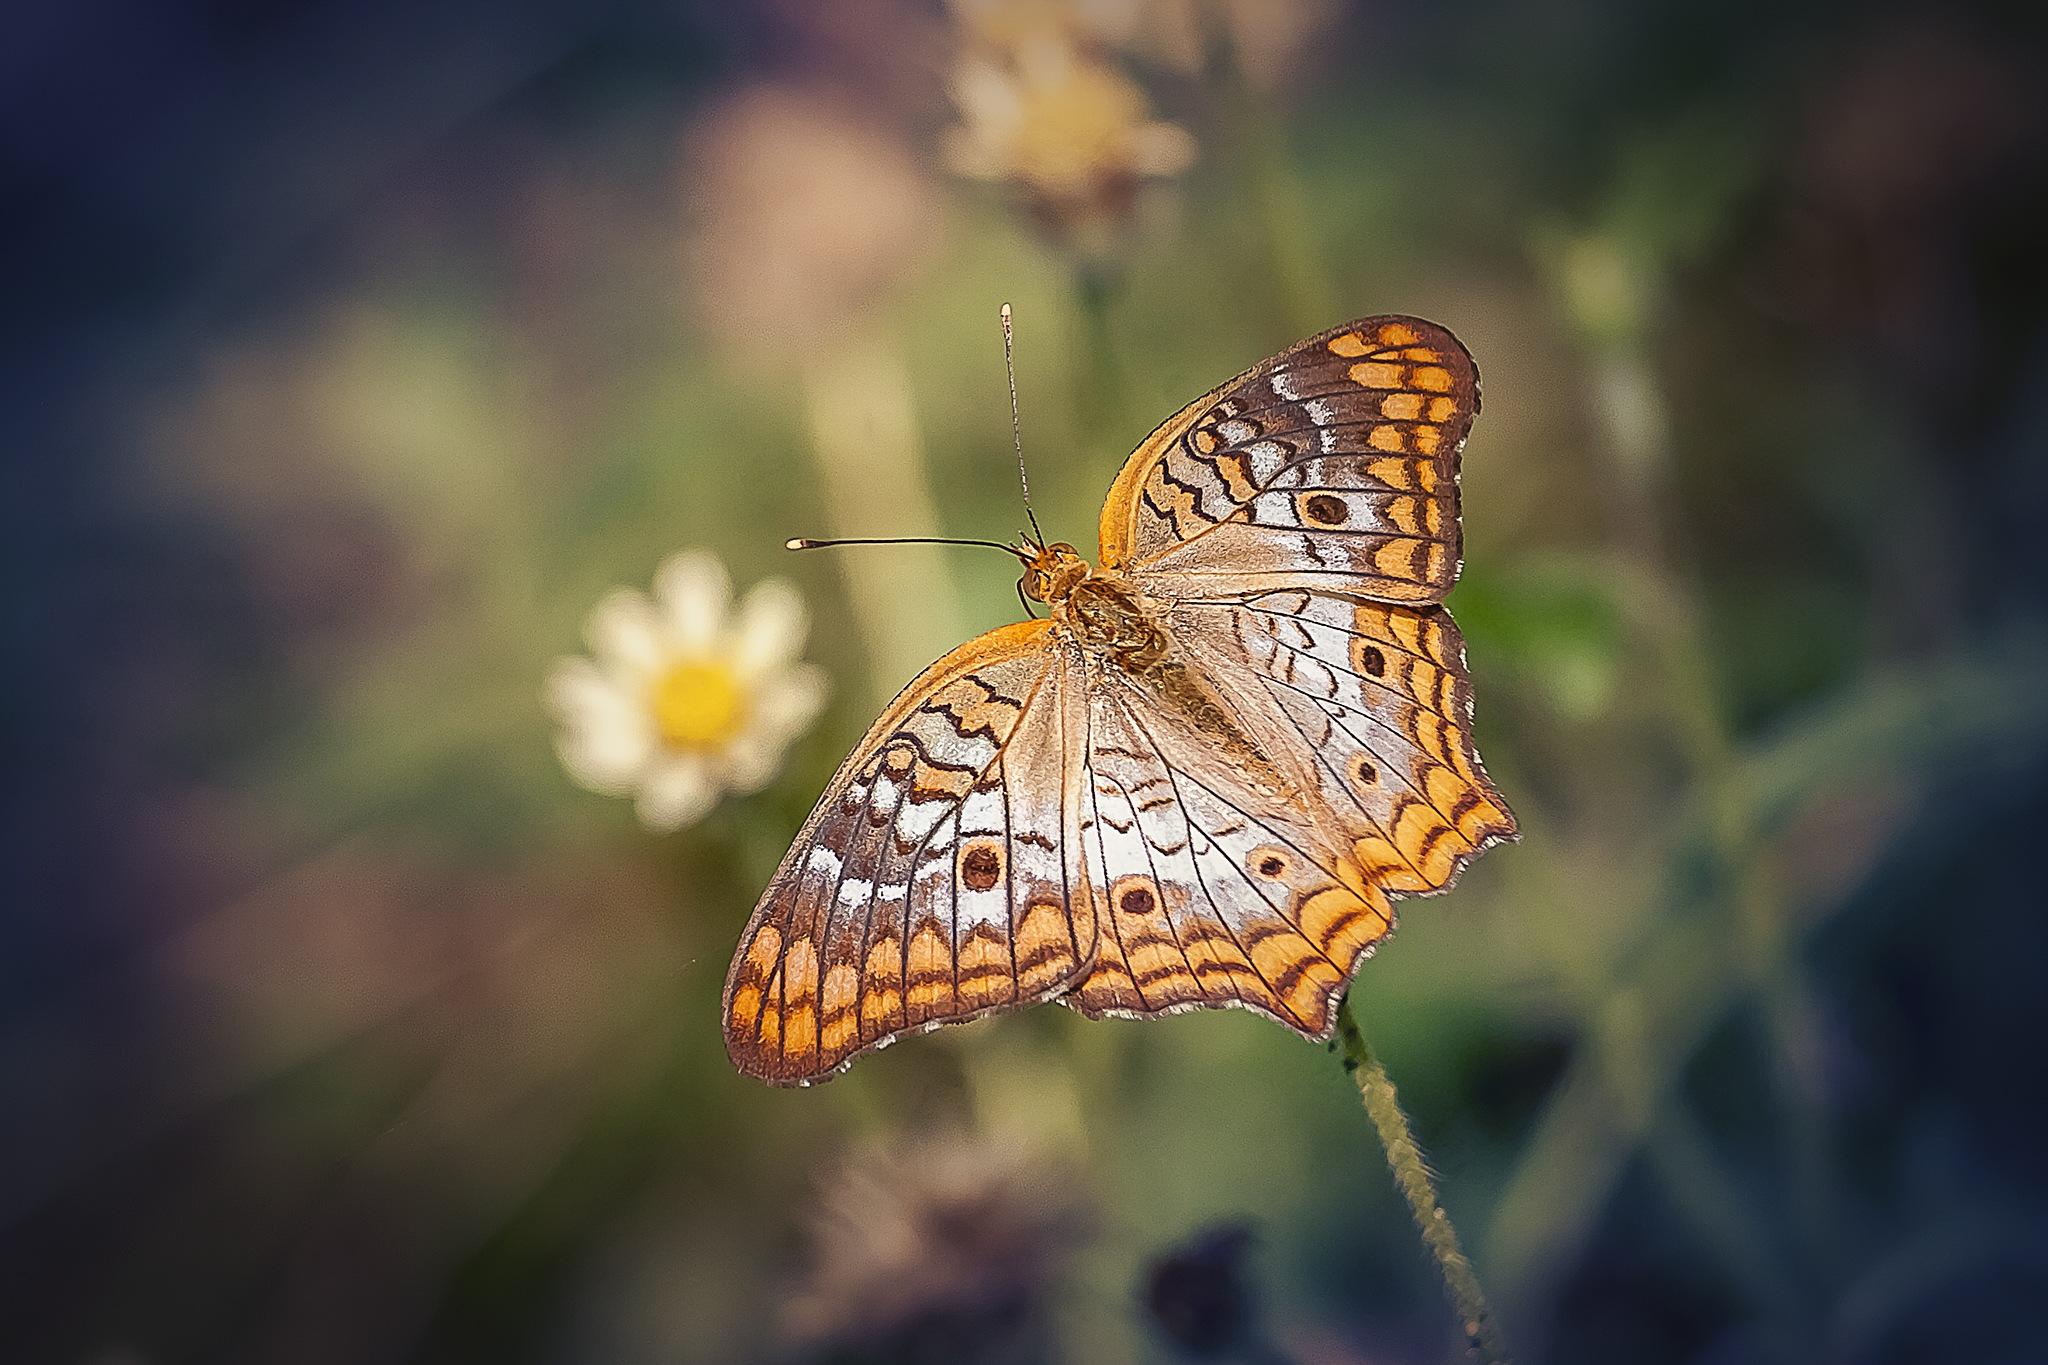 Butterfly 205-001 - Anartia jatrophae  by Tony Guzman